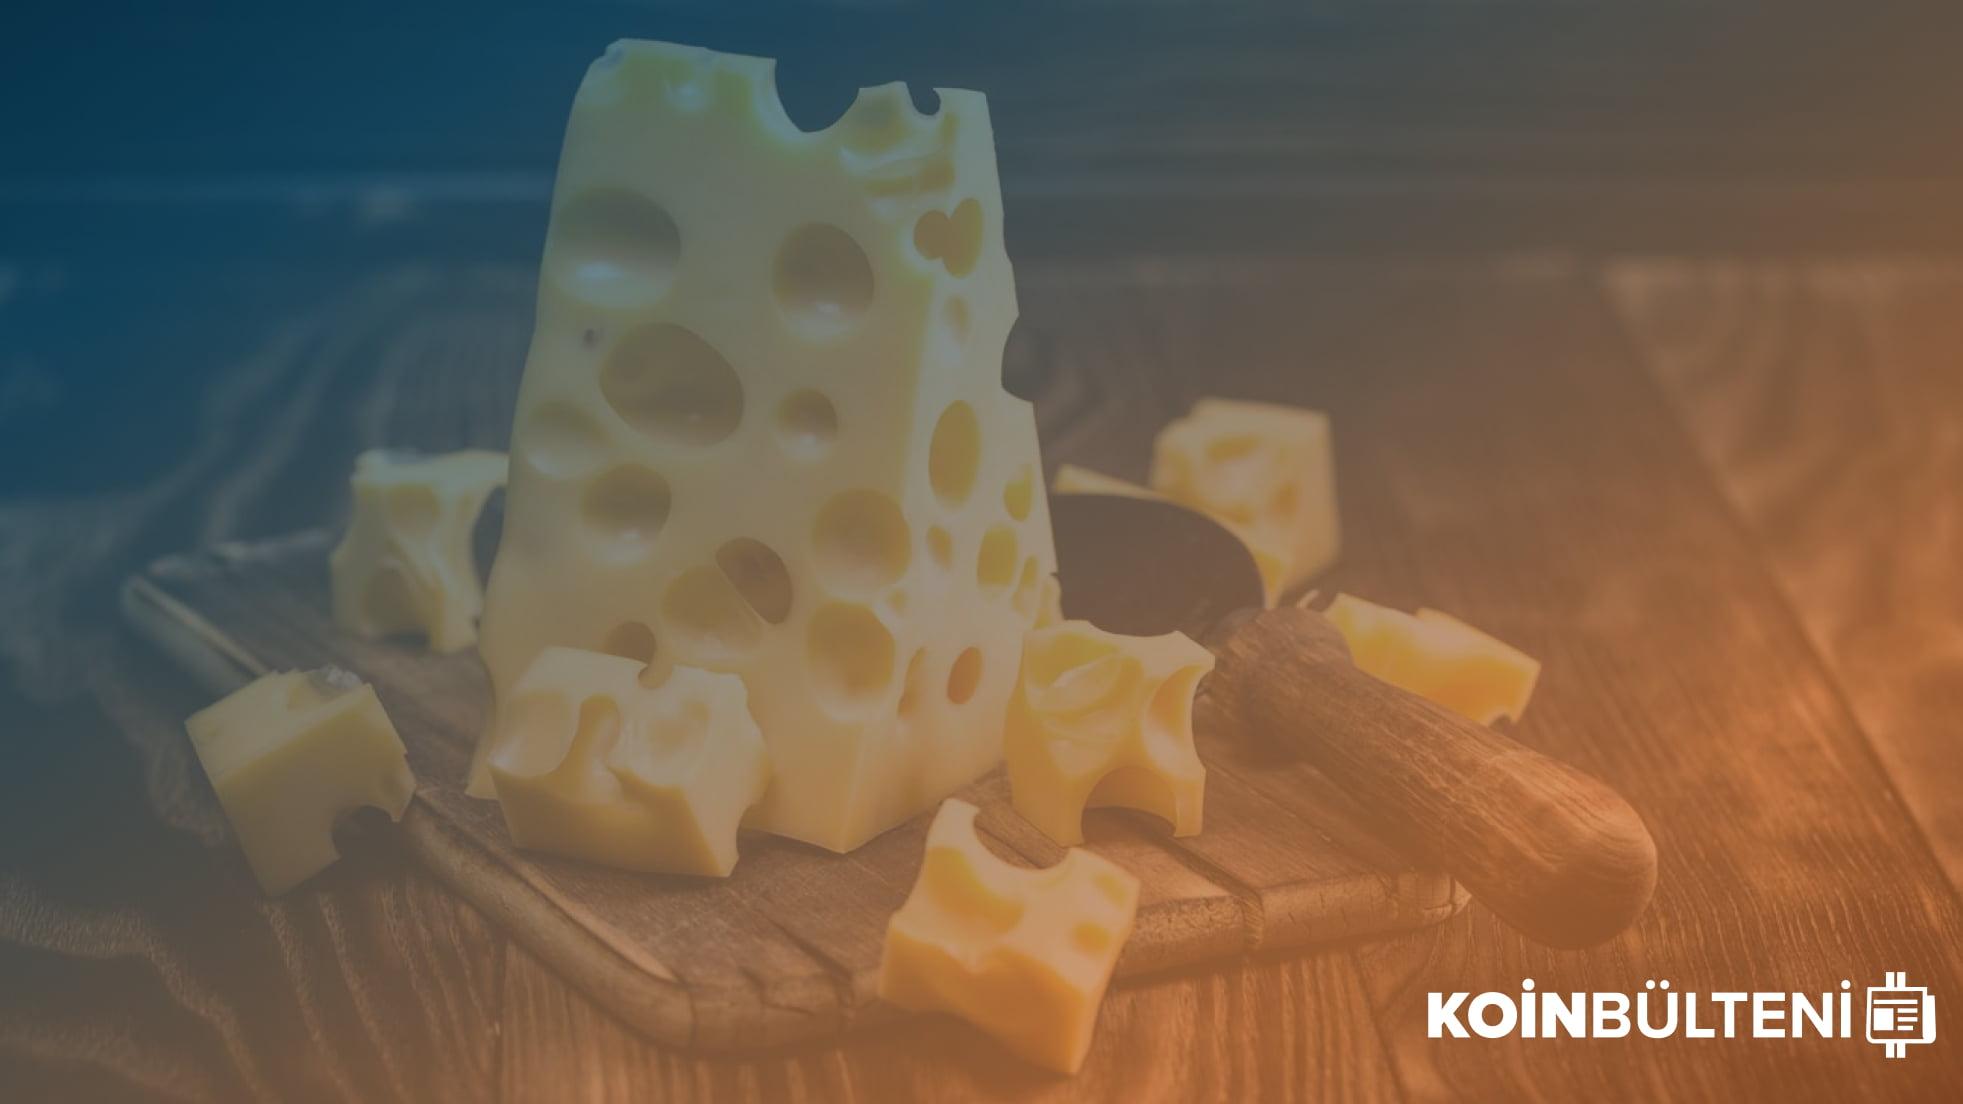 cheese bank defi